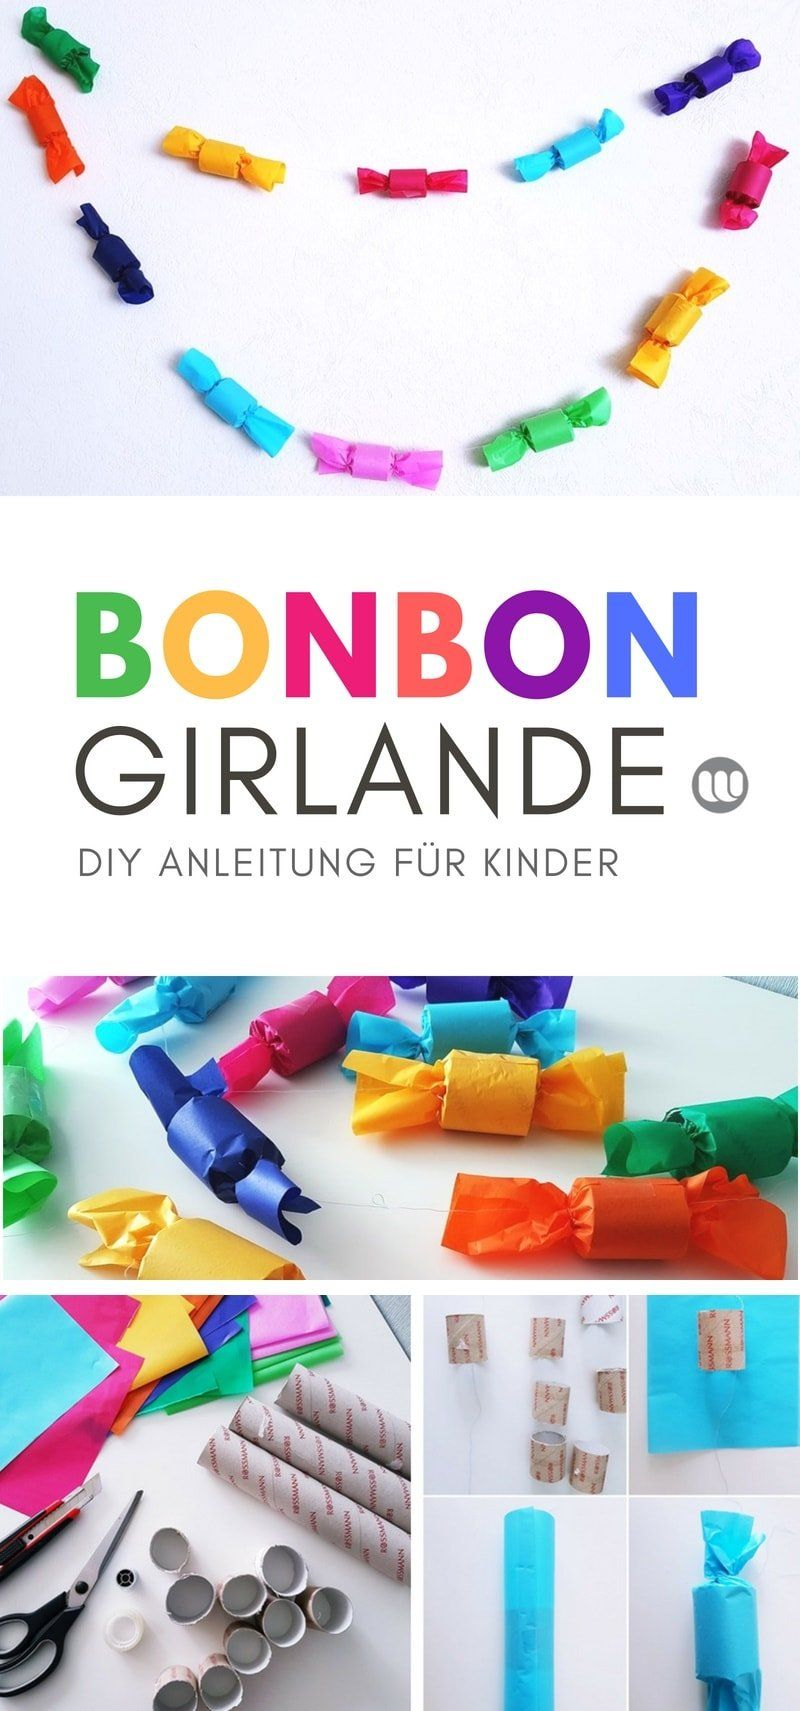 DIY Bonbon-Girlande: Basteln mit Klopapierrollen Upcycling #einfachebastelarbeitenfürkinder